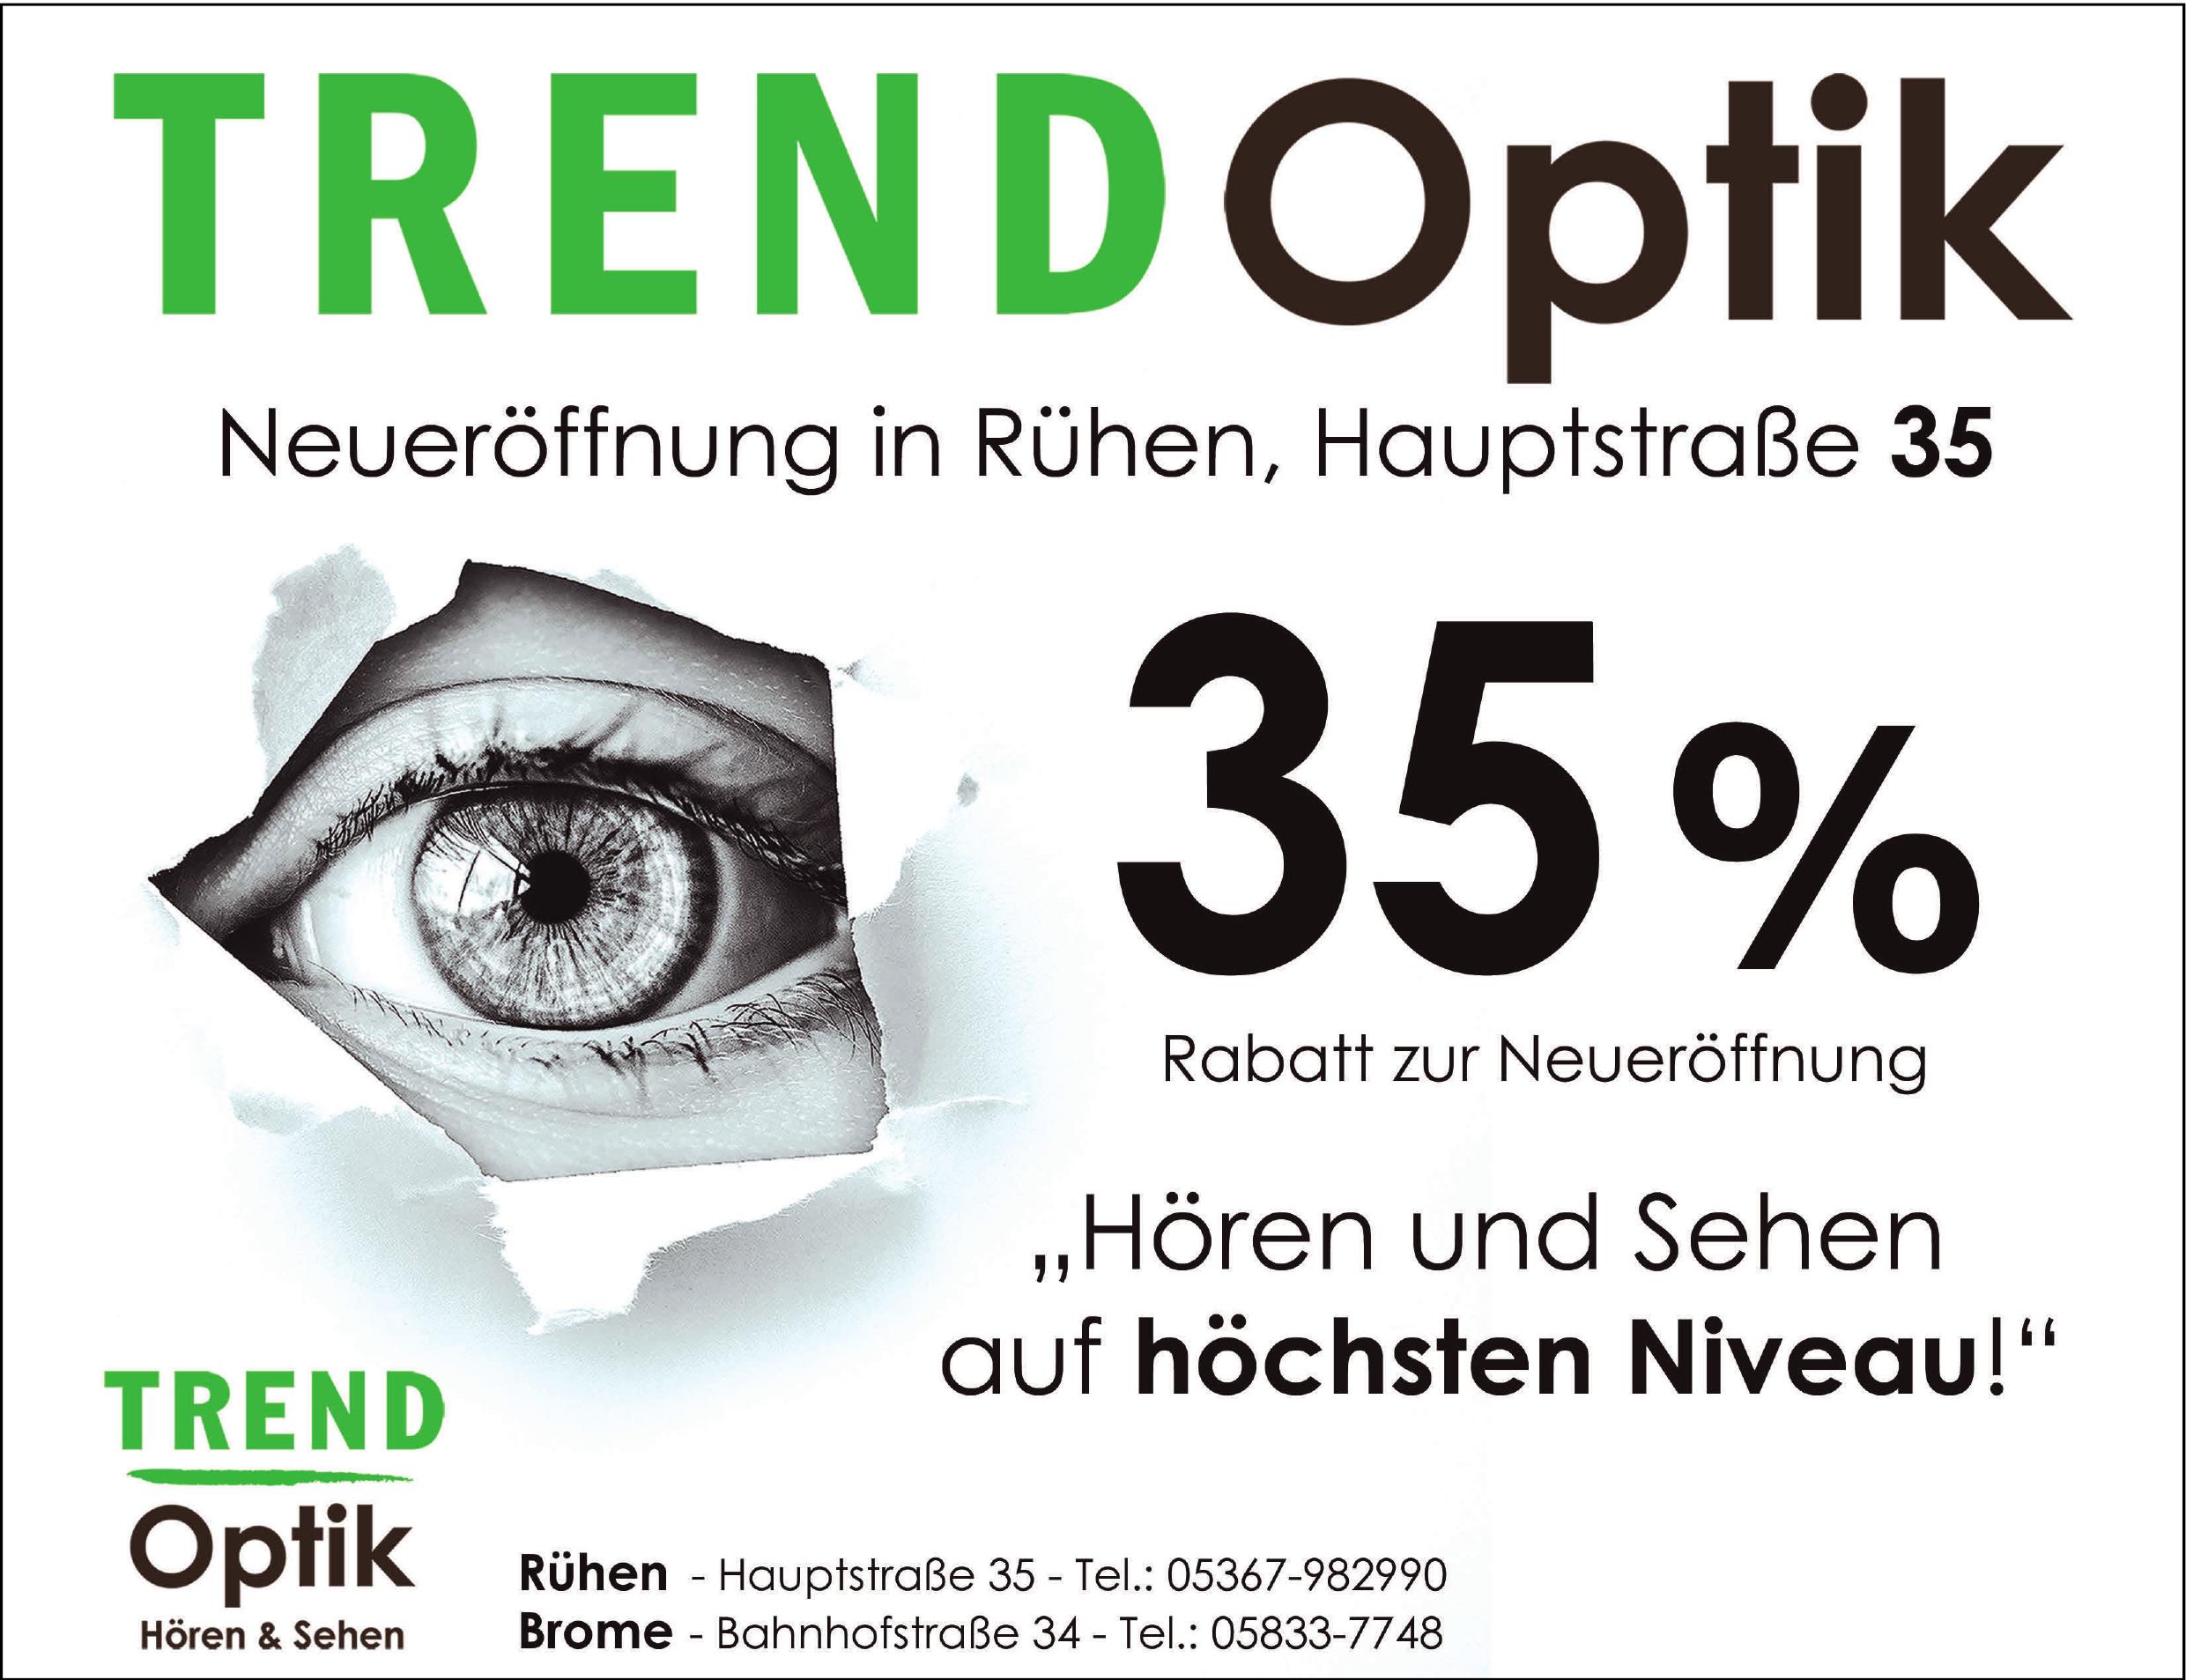 Trend Optik